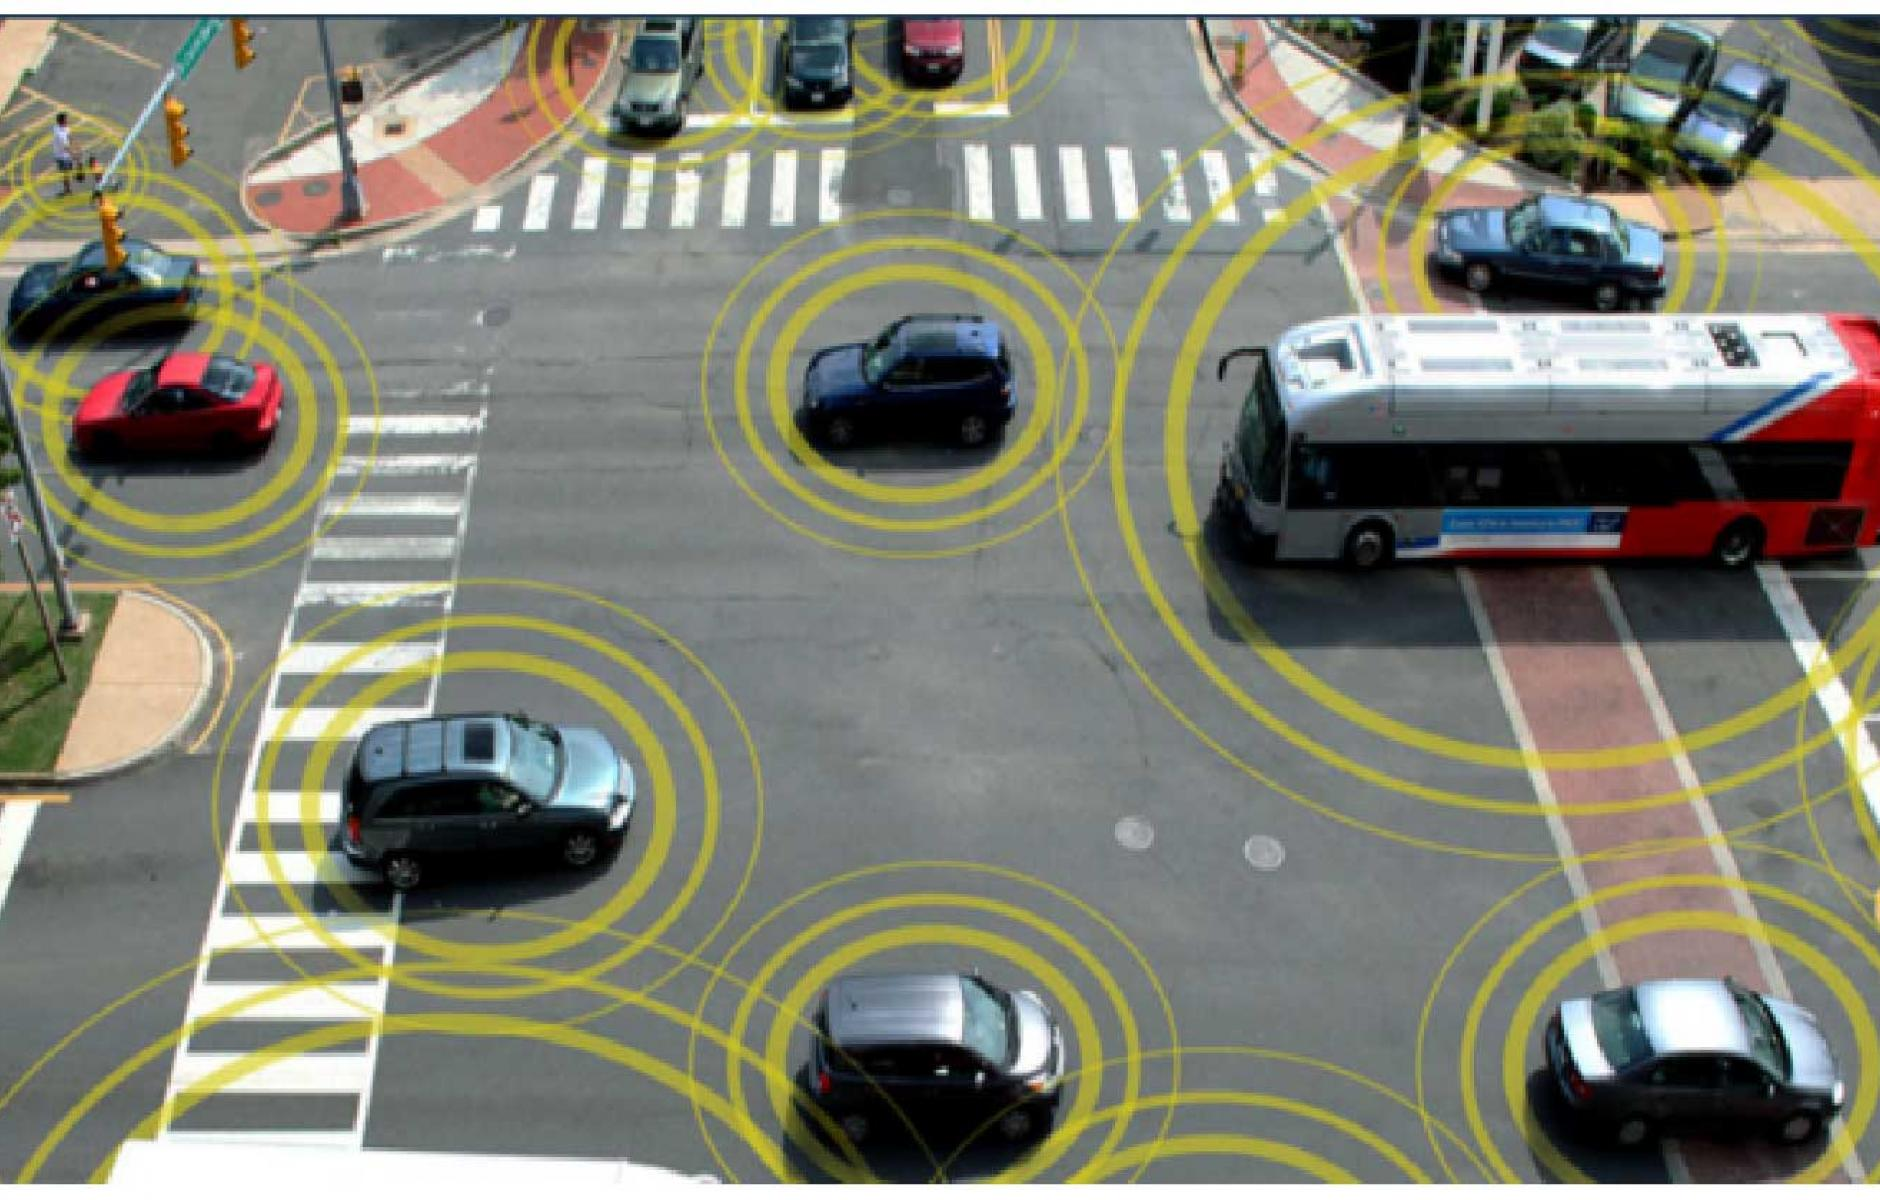 Autonomous vehicles: Hype and potential | CNU